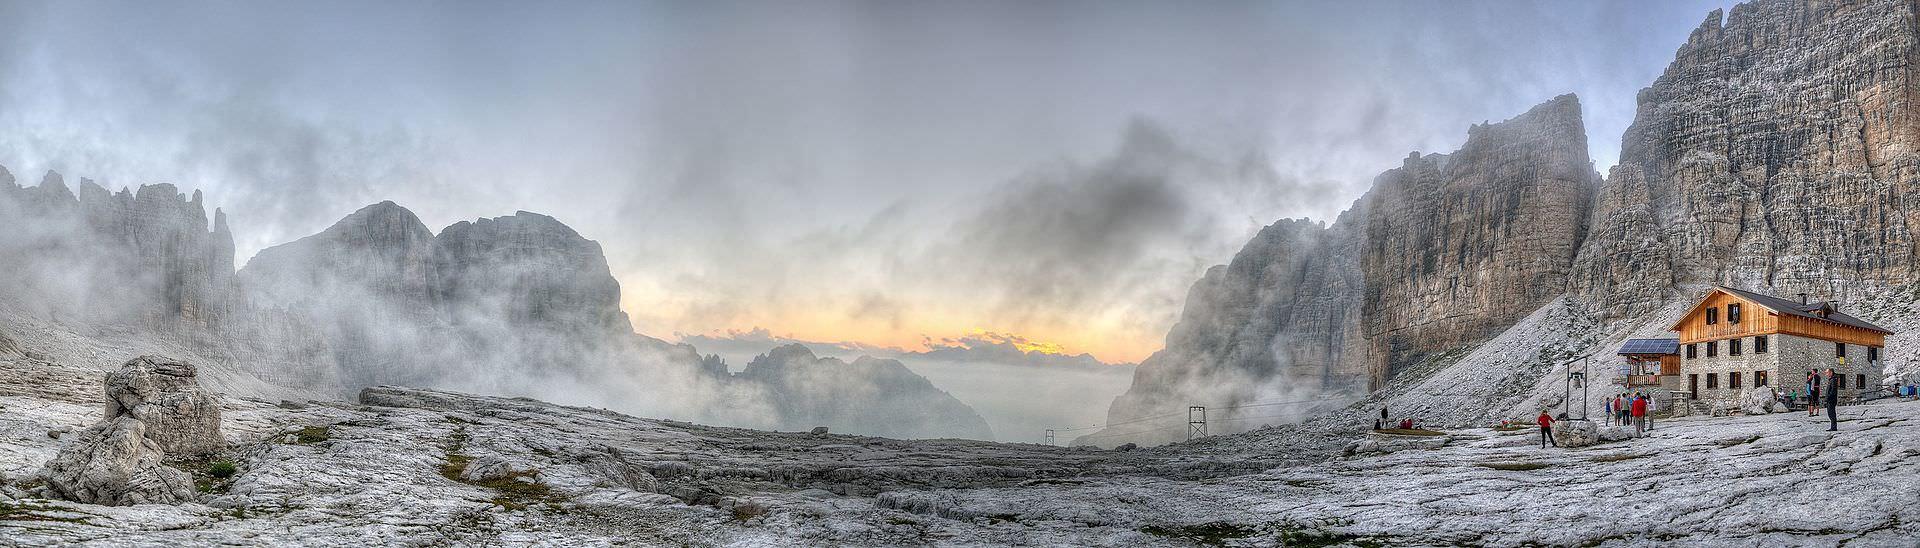 Rifugio Alimonta, Vedretta degli Sfulmini